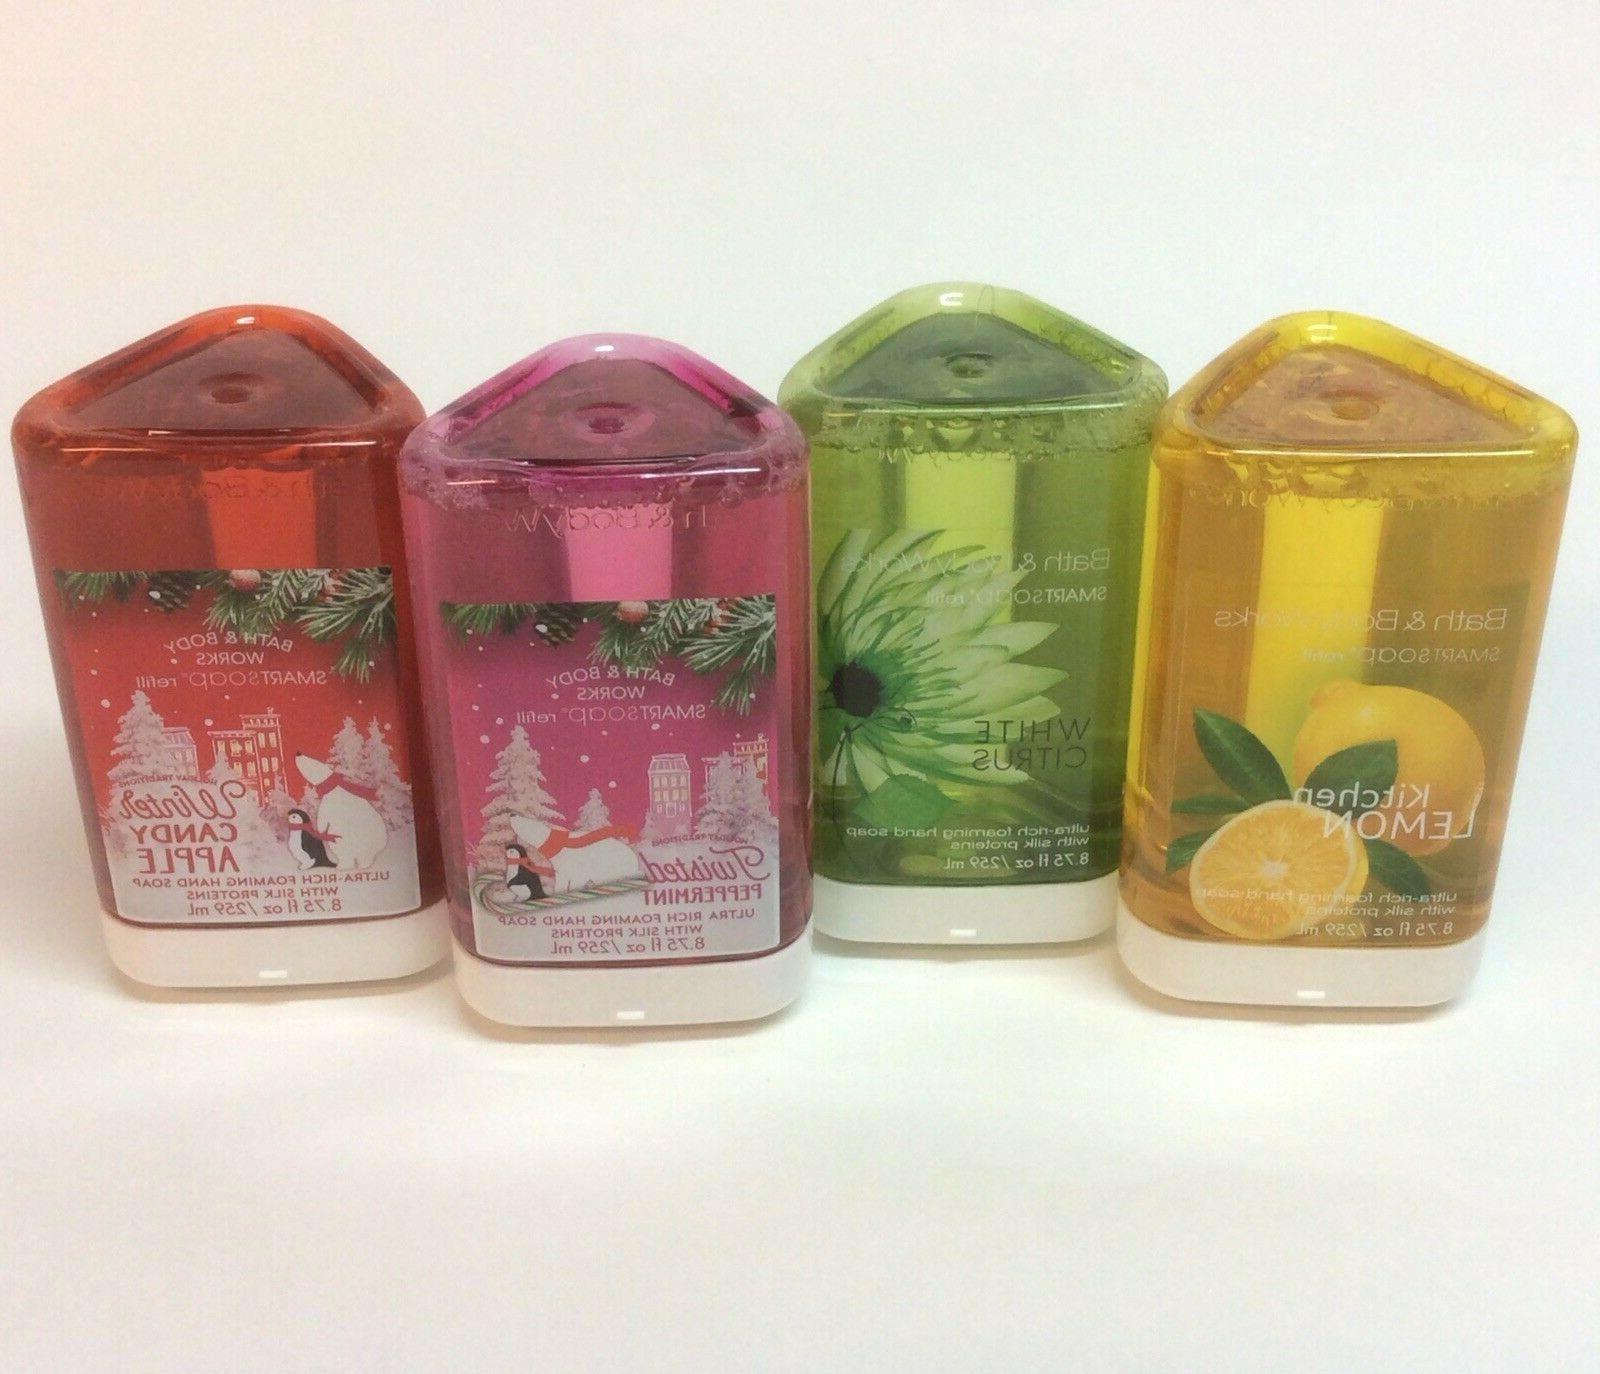 Bath Works Smartsoap Soap Refill Lemon Citrus Candy Peppermint